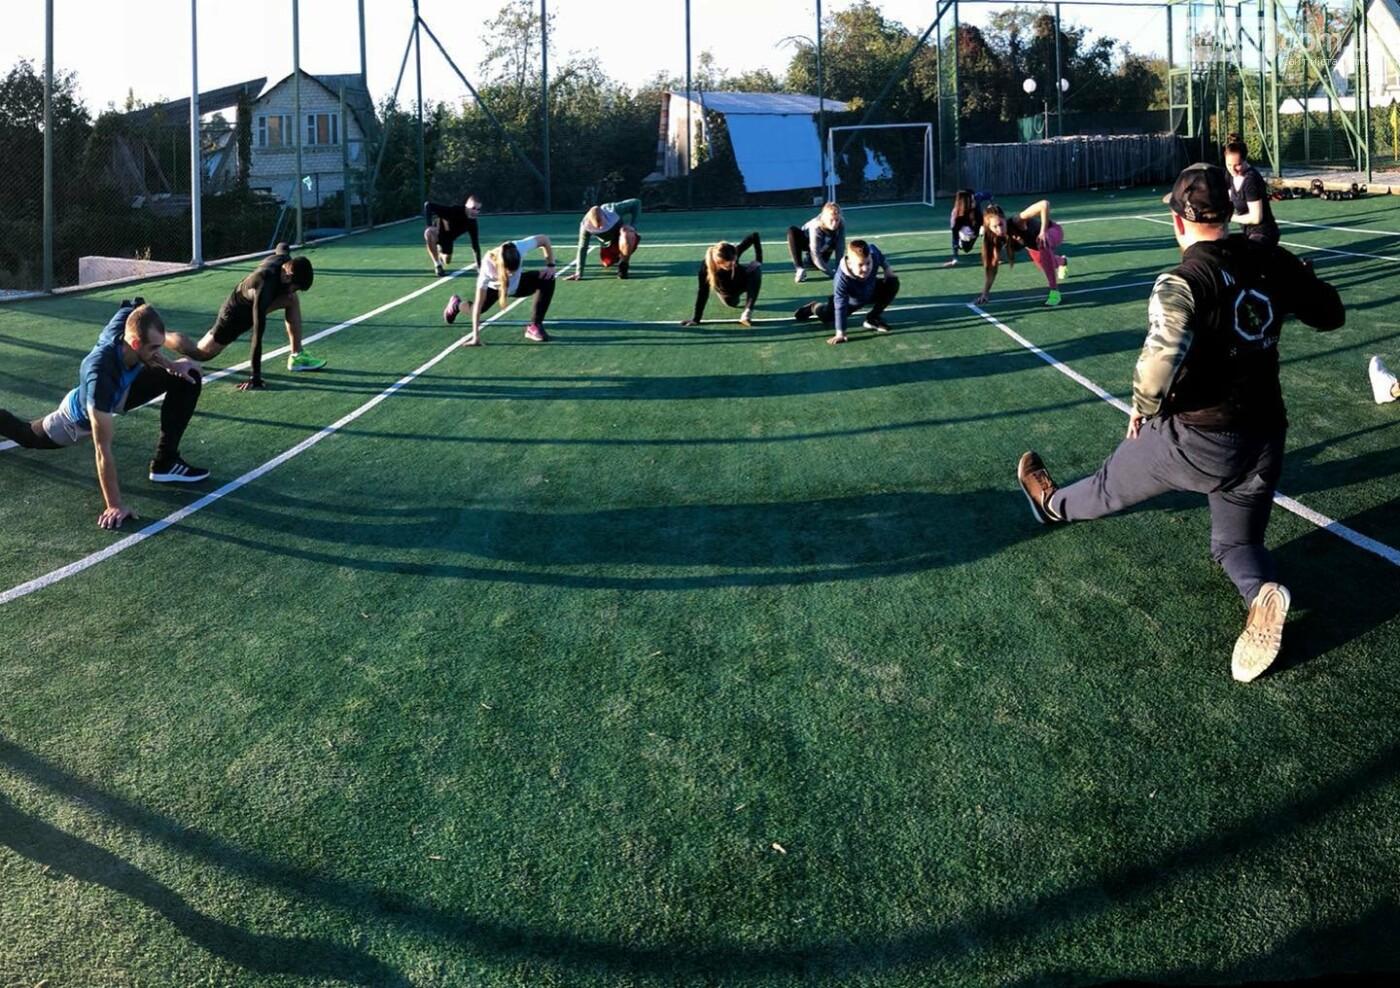 Ірпінчан запрошують на безкоштовне тренування з кросфіту, фото-3